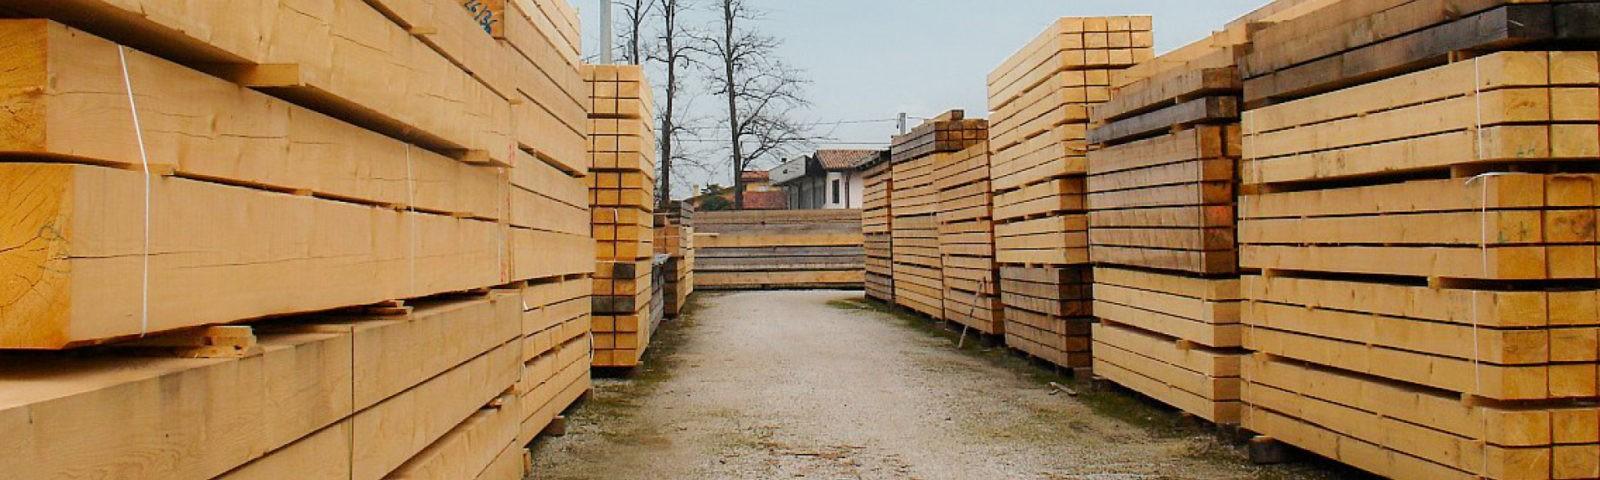 Realizzazione tetti in legno a Padova